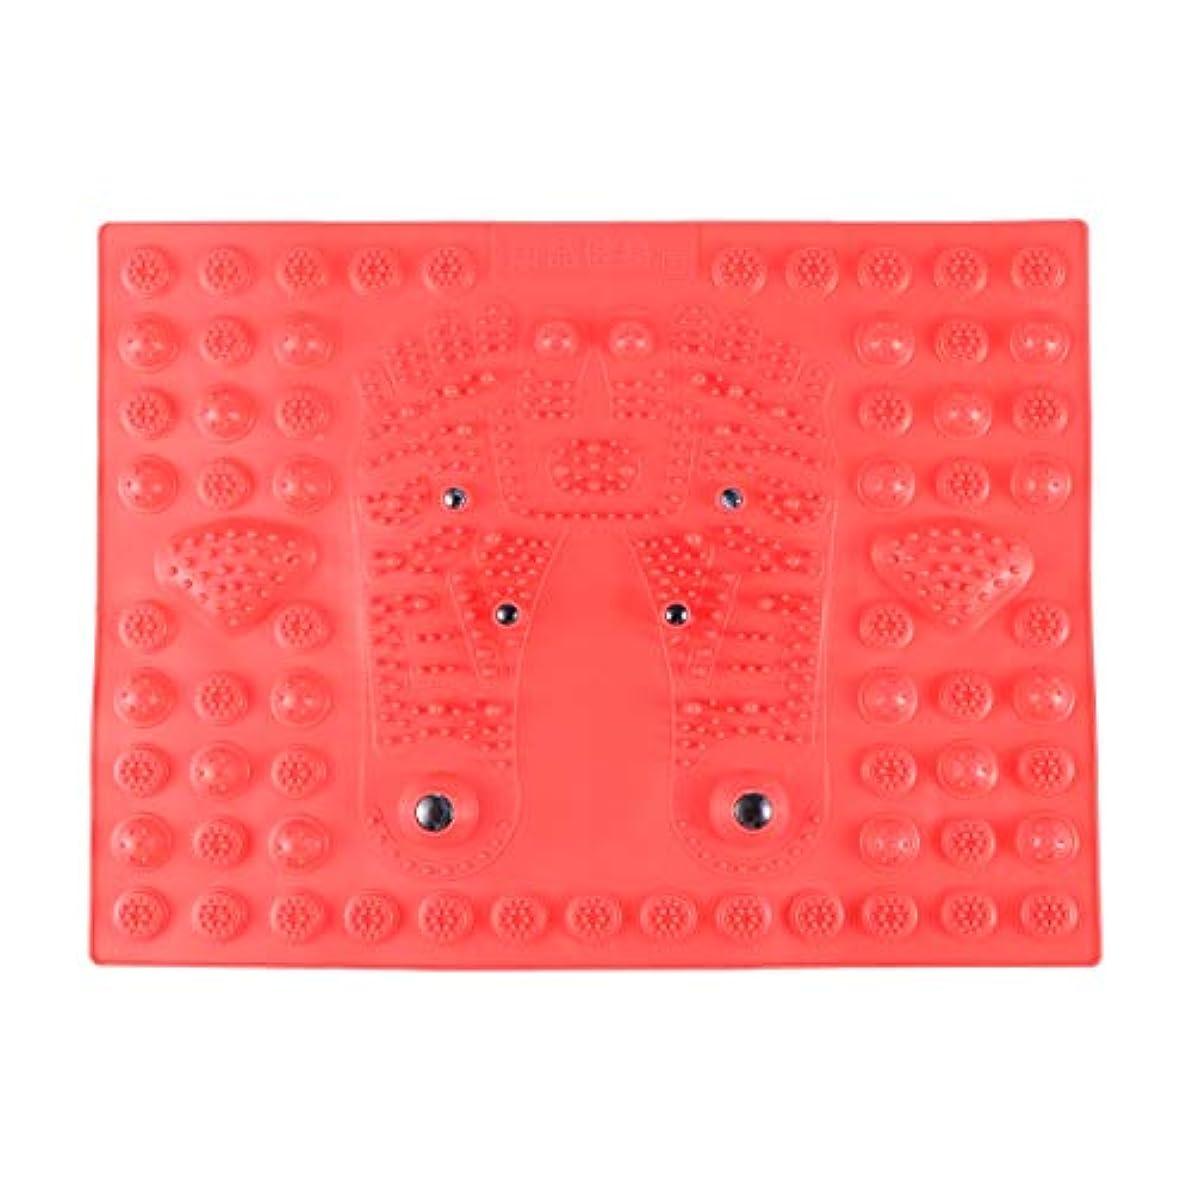 野球庭園ポインタHealifty 指圧フットマットフット磁気療法マッサージャーガーデンマッサージパッド(レッド)